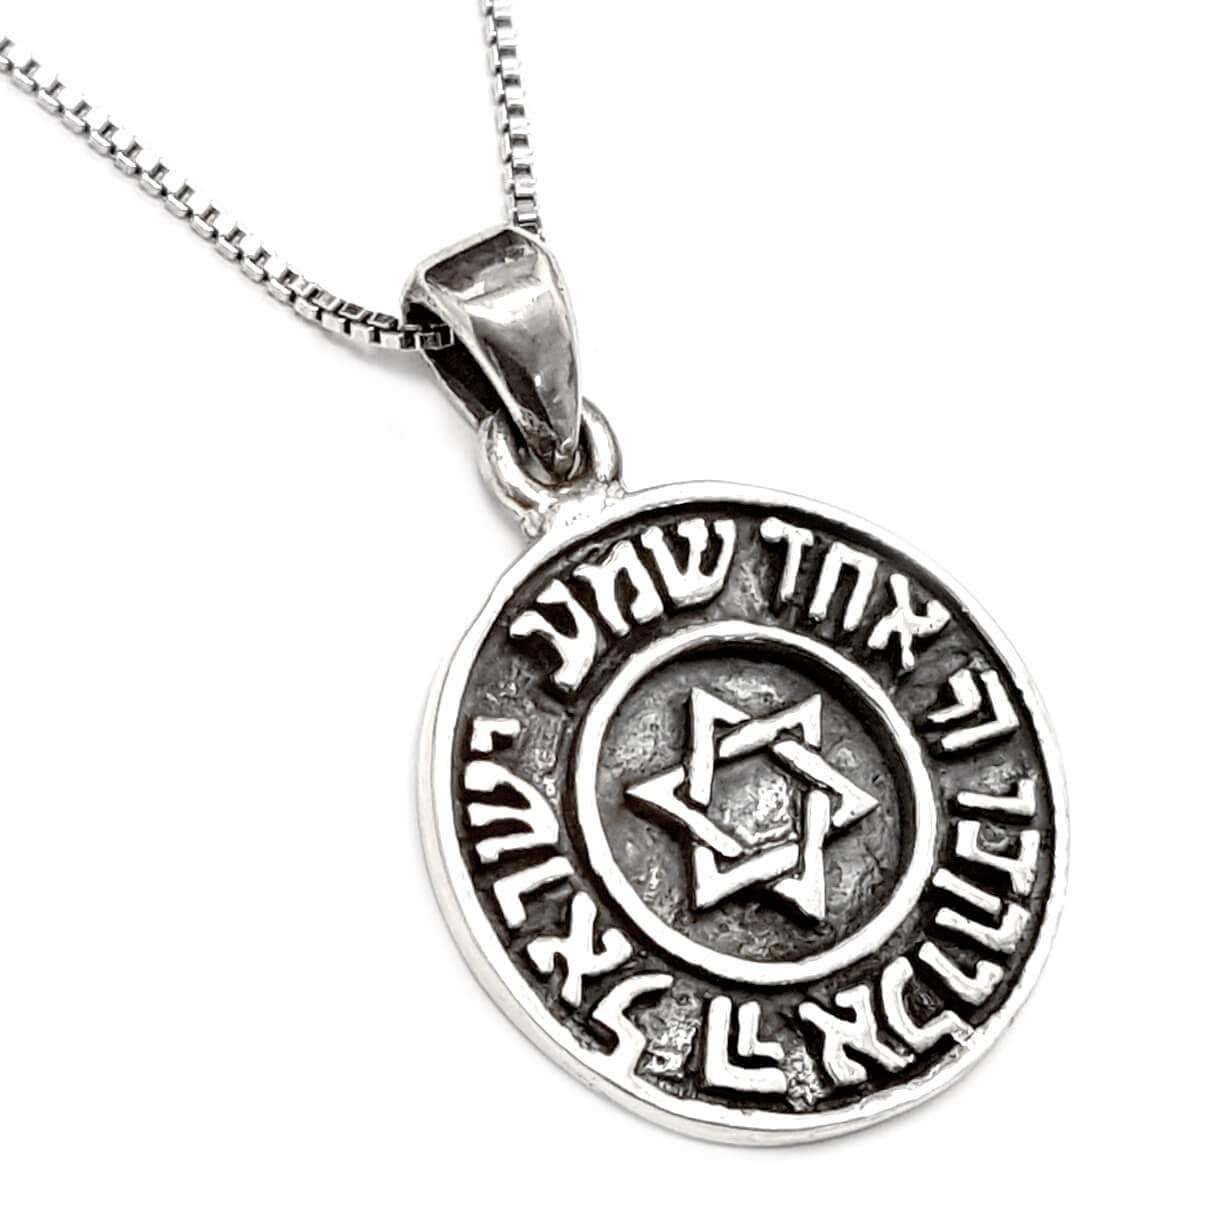 מגן דוד שמע ישראל מכסף טהור 925 T5971